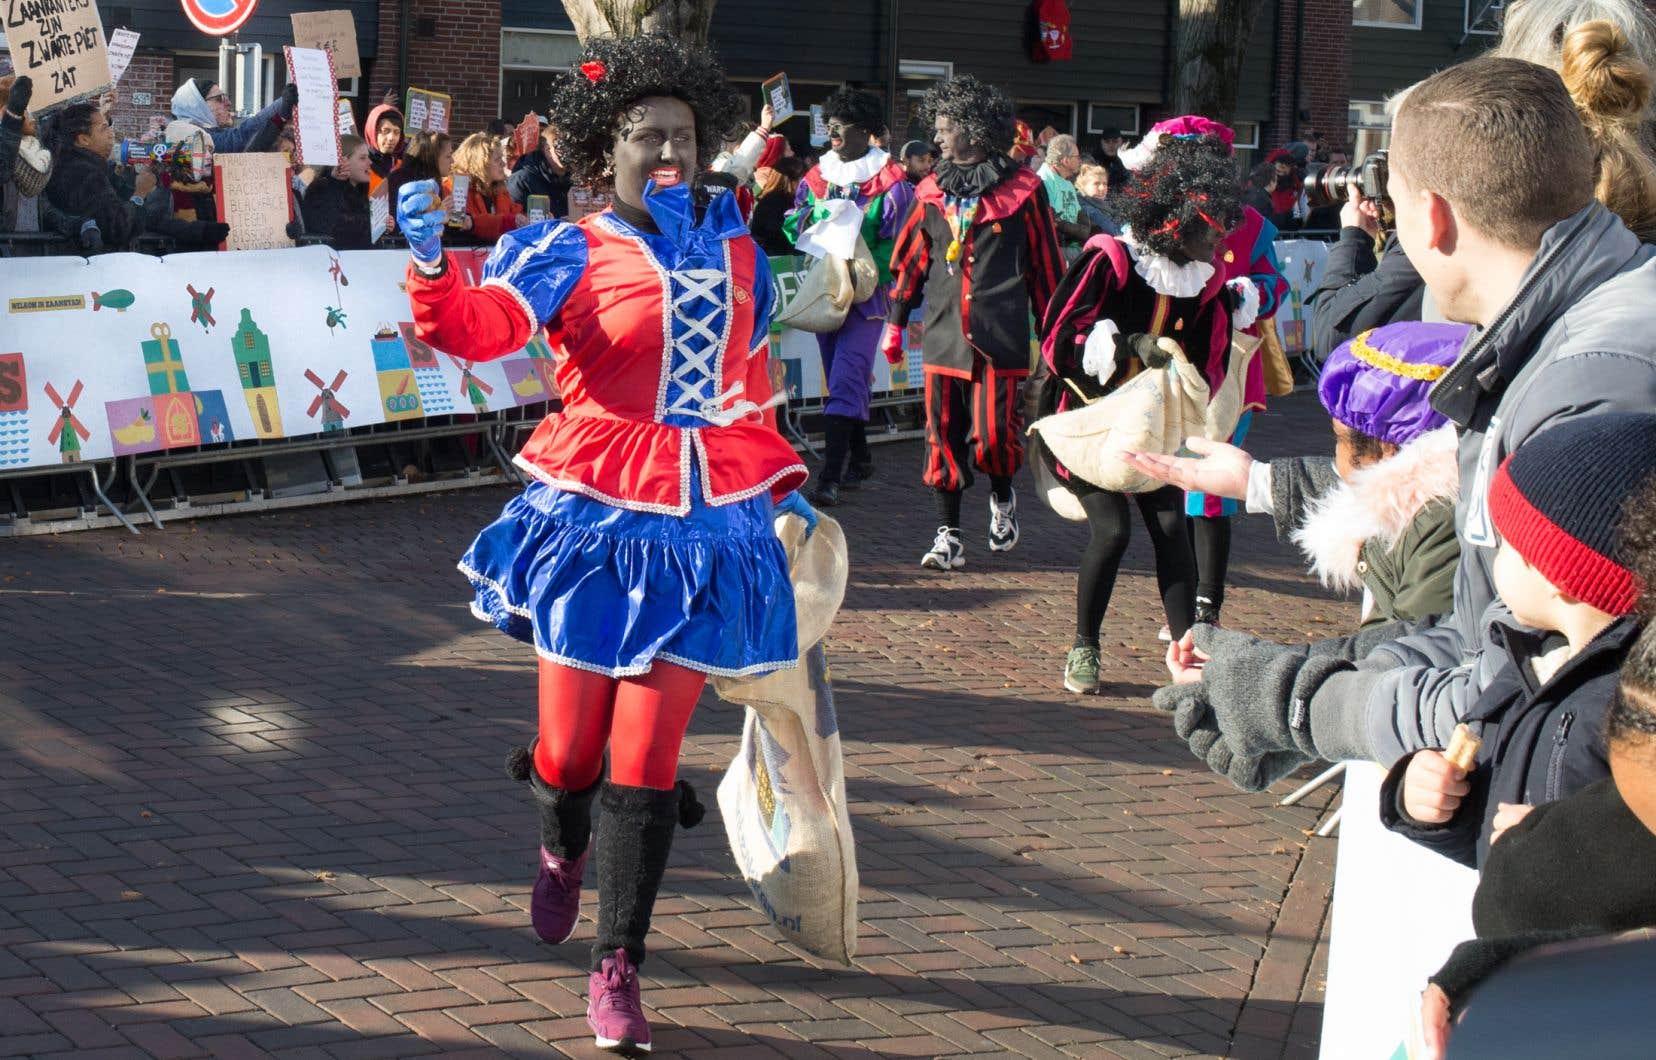 Saint Nicholas est arrivé accompagné de nombreux lutins Zwarte Piet (littéralement «Pierre le Noir»), l'équivalent du père Fouettard, à Zaandijk, aux Pays-Bas. La personnification de ce personnage, «joué» par des Néerlandais blancs costumés en lutin, coiffés d'une perruque crépue et maquillés de noir, est jugée raciste par de plus en plus de gens.